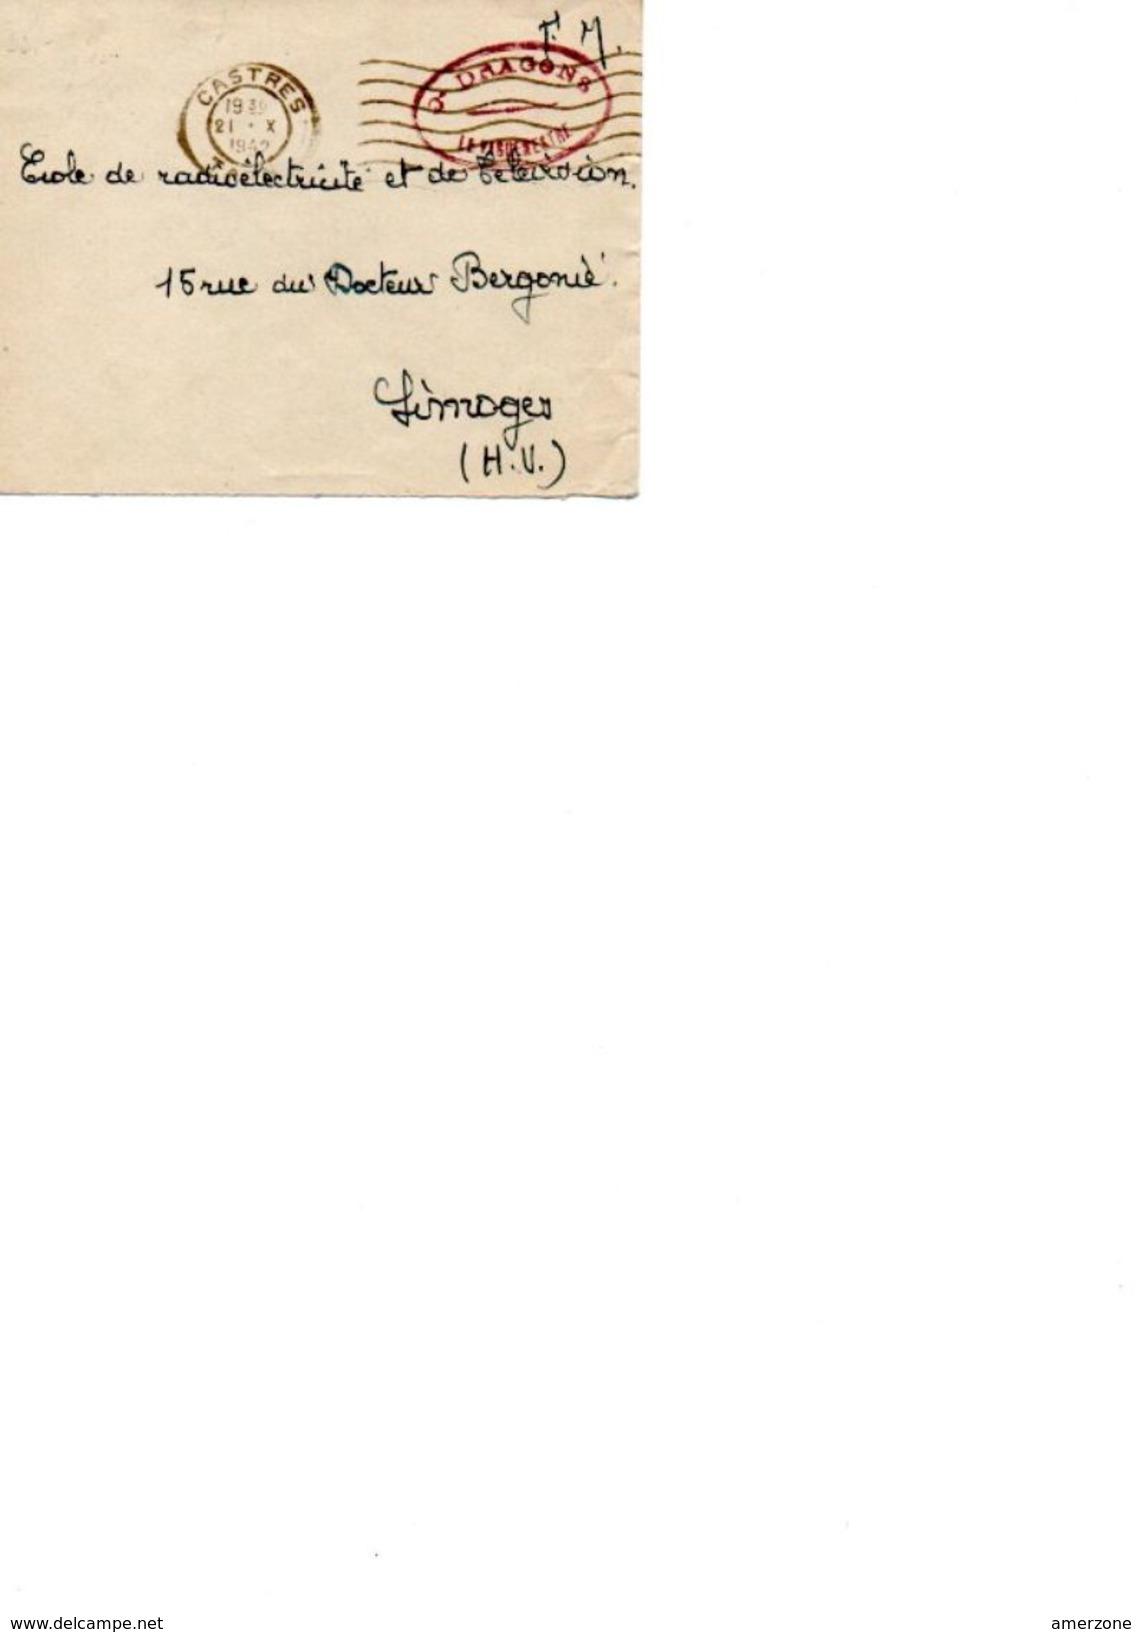 ENVELOPPE F.M. Du 21.10.1942 Avec Tampon Du Vageumestre Du 3éme Regiment De Dragons - Vieux Papiers